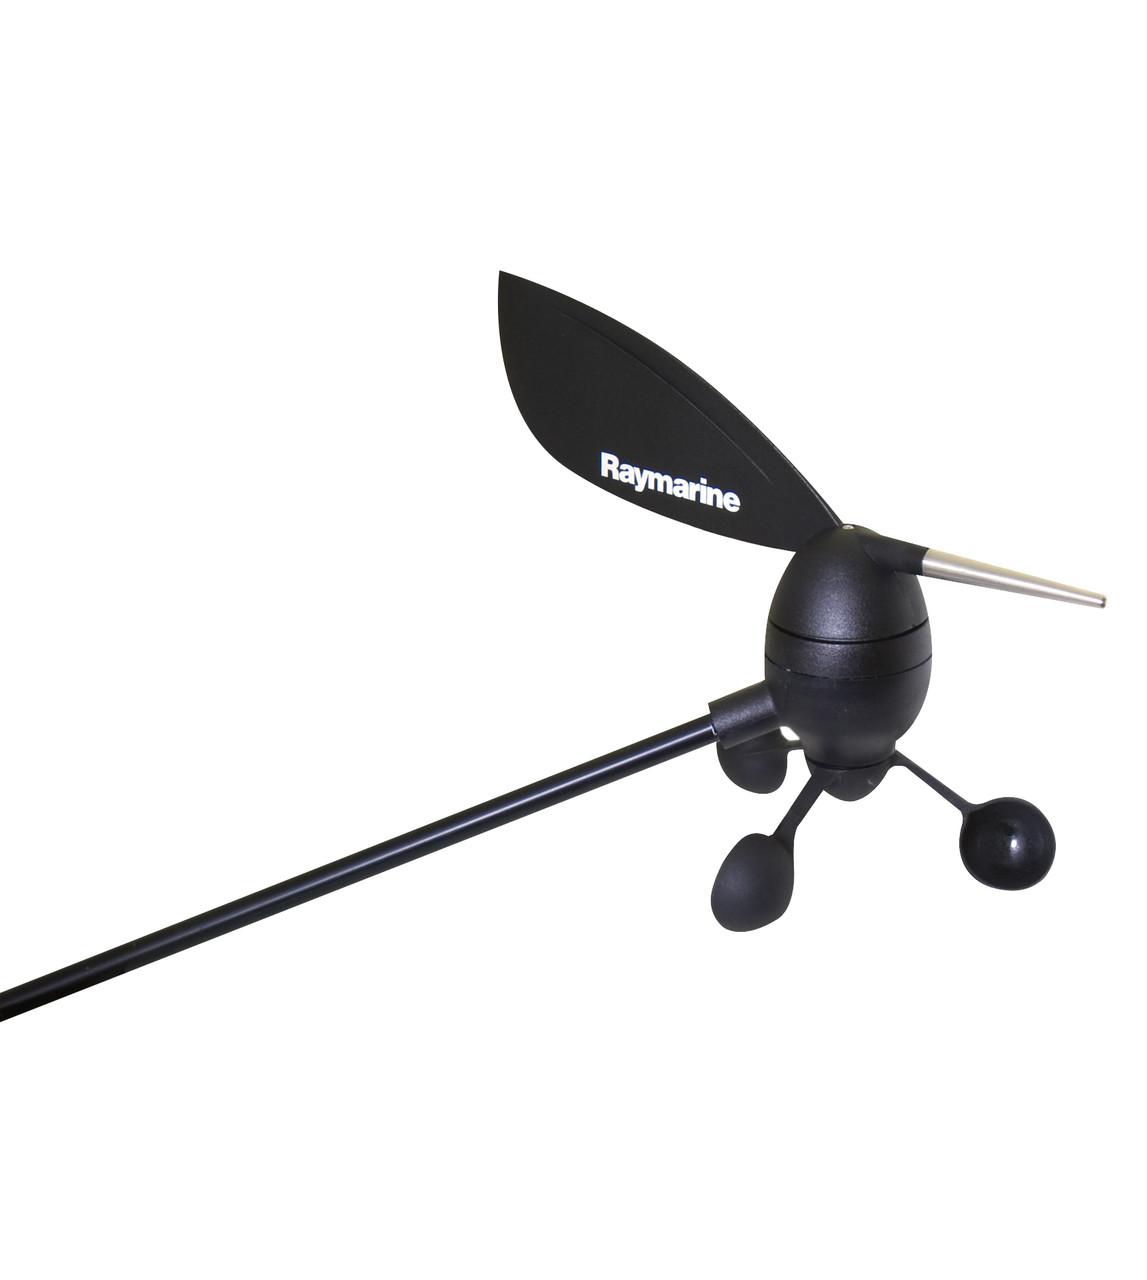 Raymarine Short Arm Vane Transducer